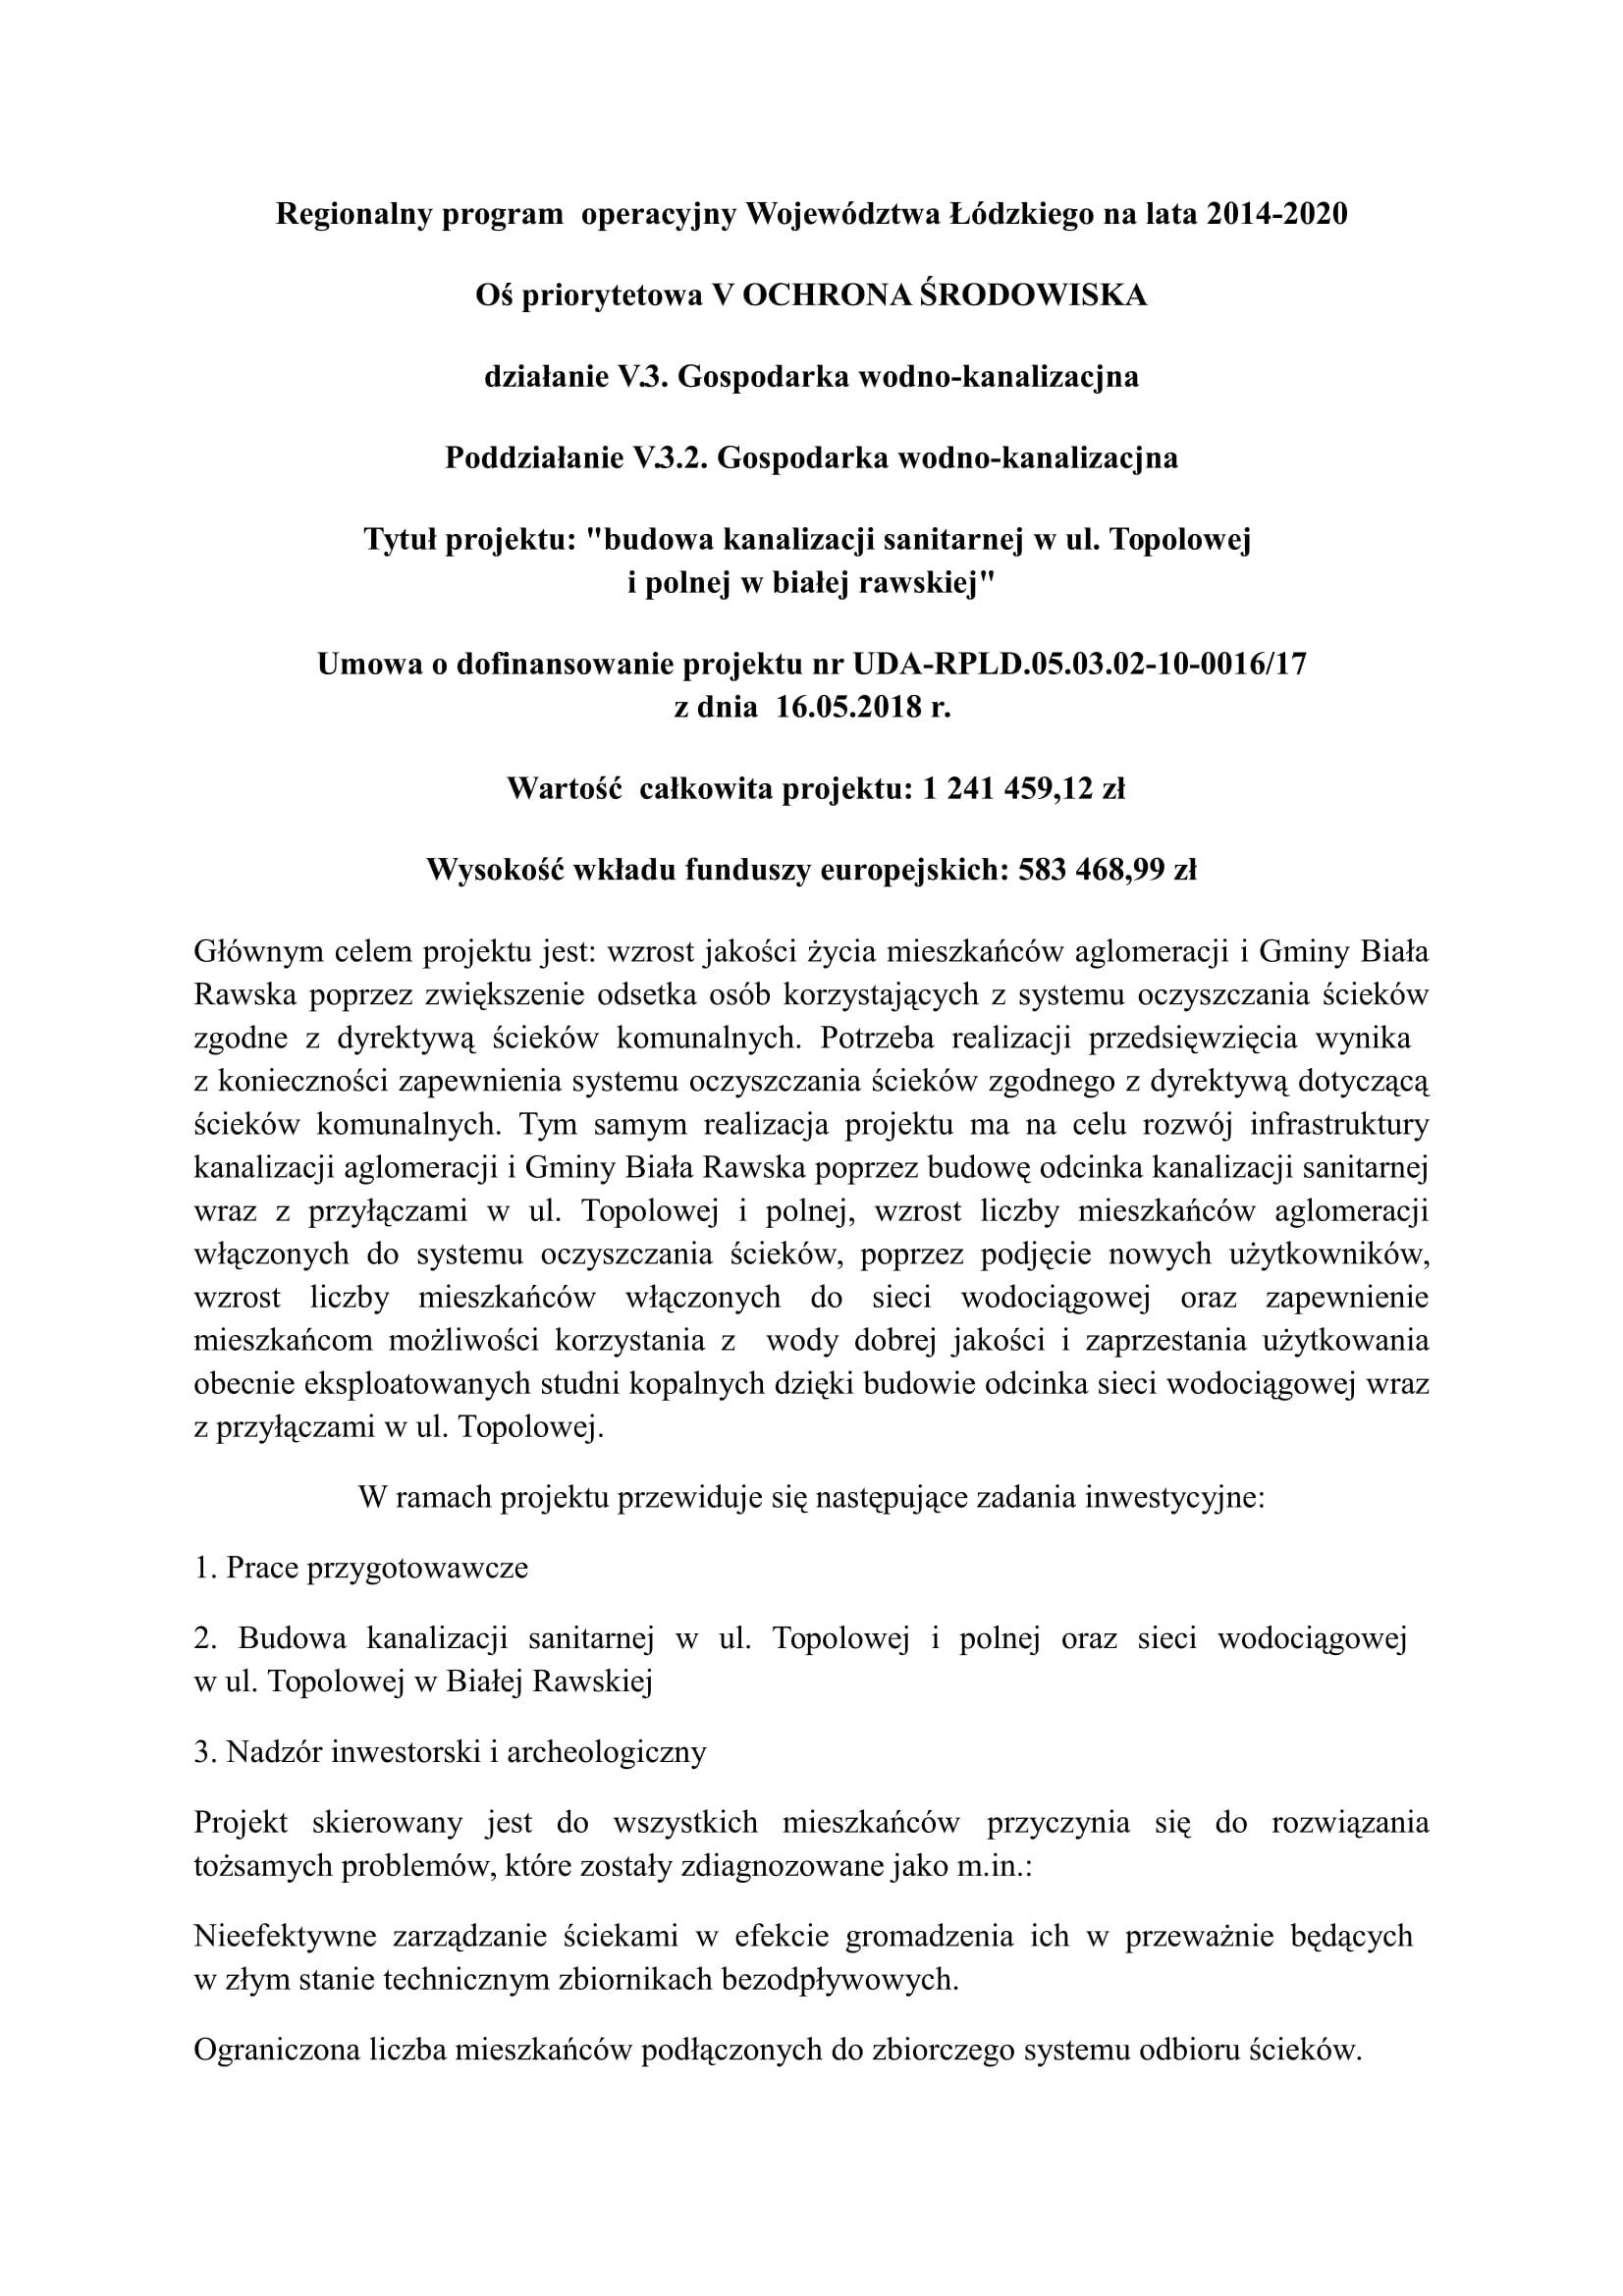 informacjana_strone__kanalizacja_topolowa_i_polna1jpg [1653x2339]